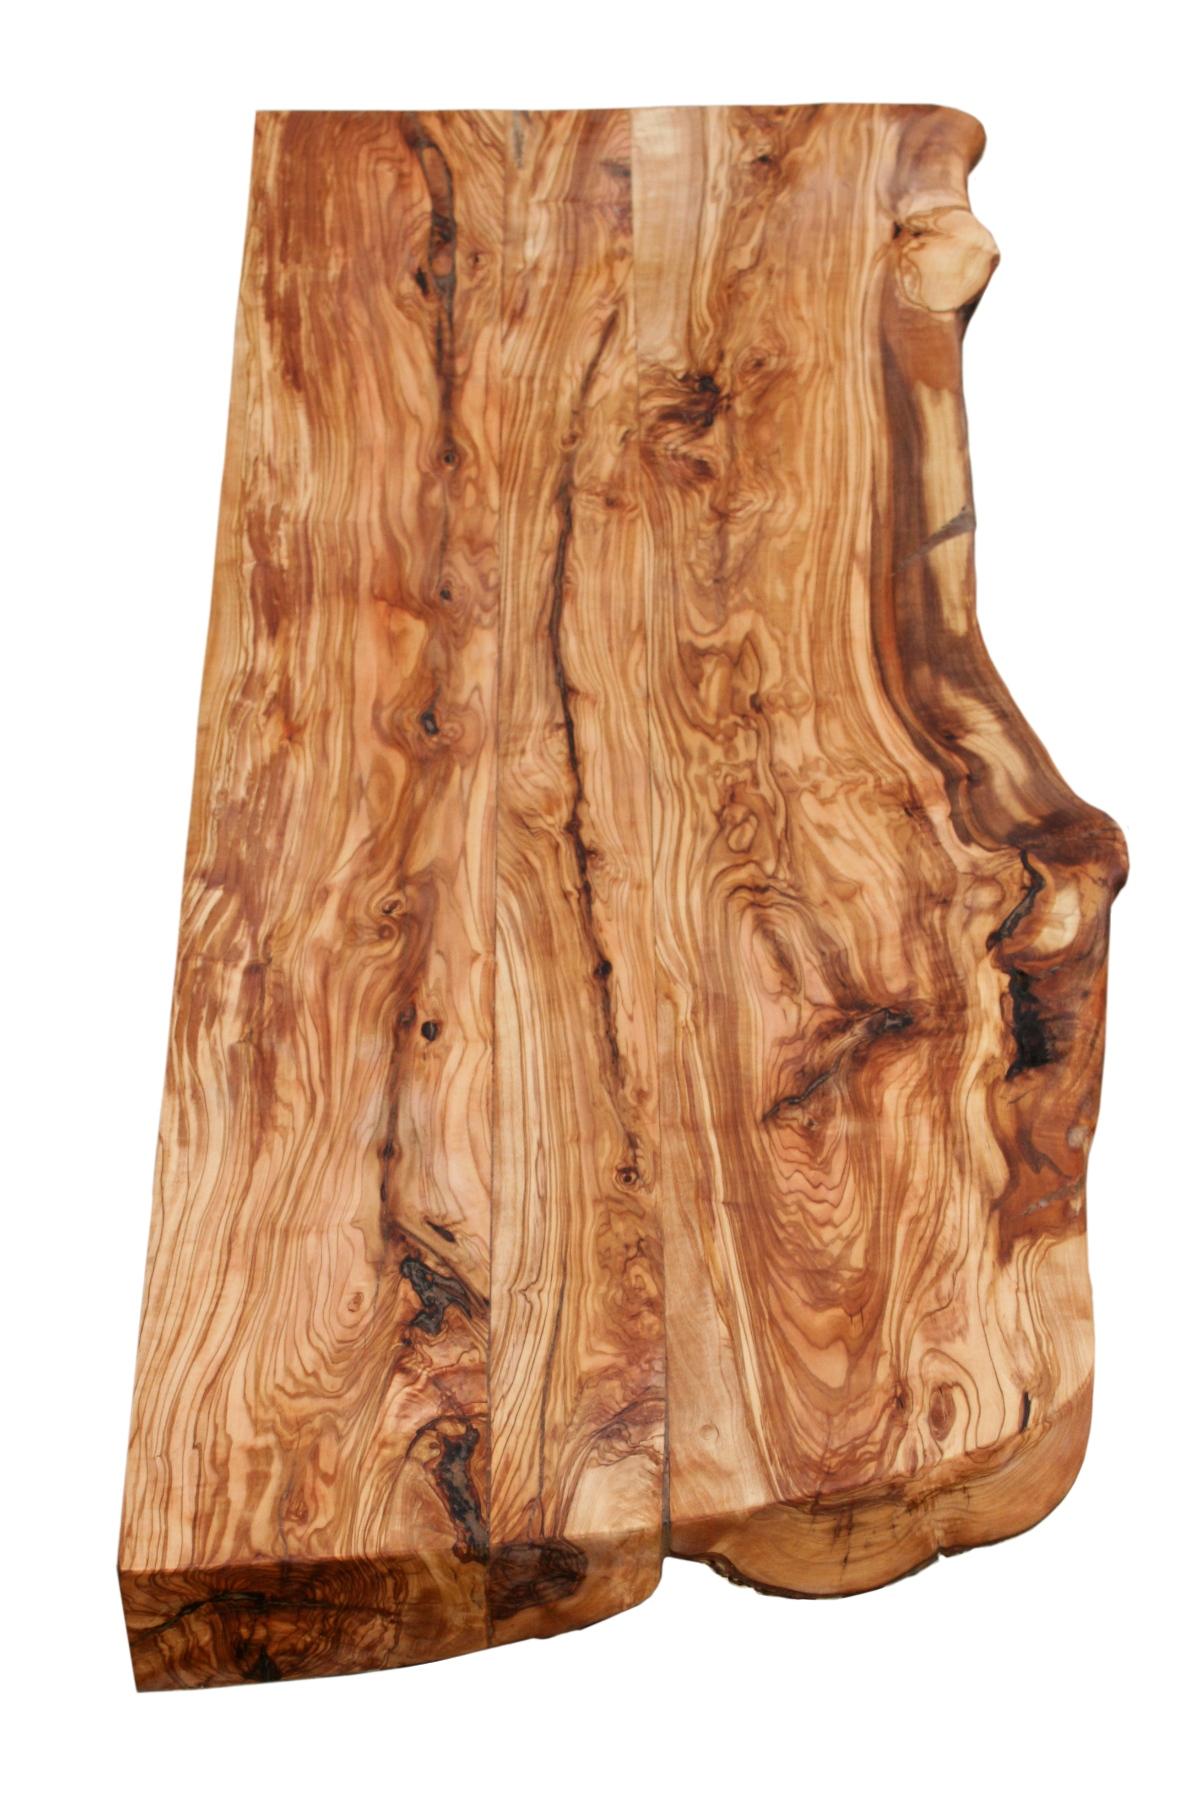 Venta de madera de olivo - Encimeras de madera maciza ...